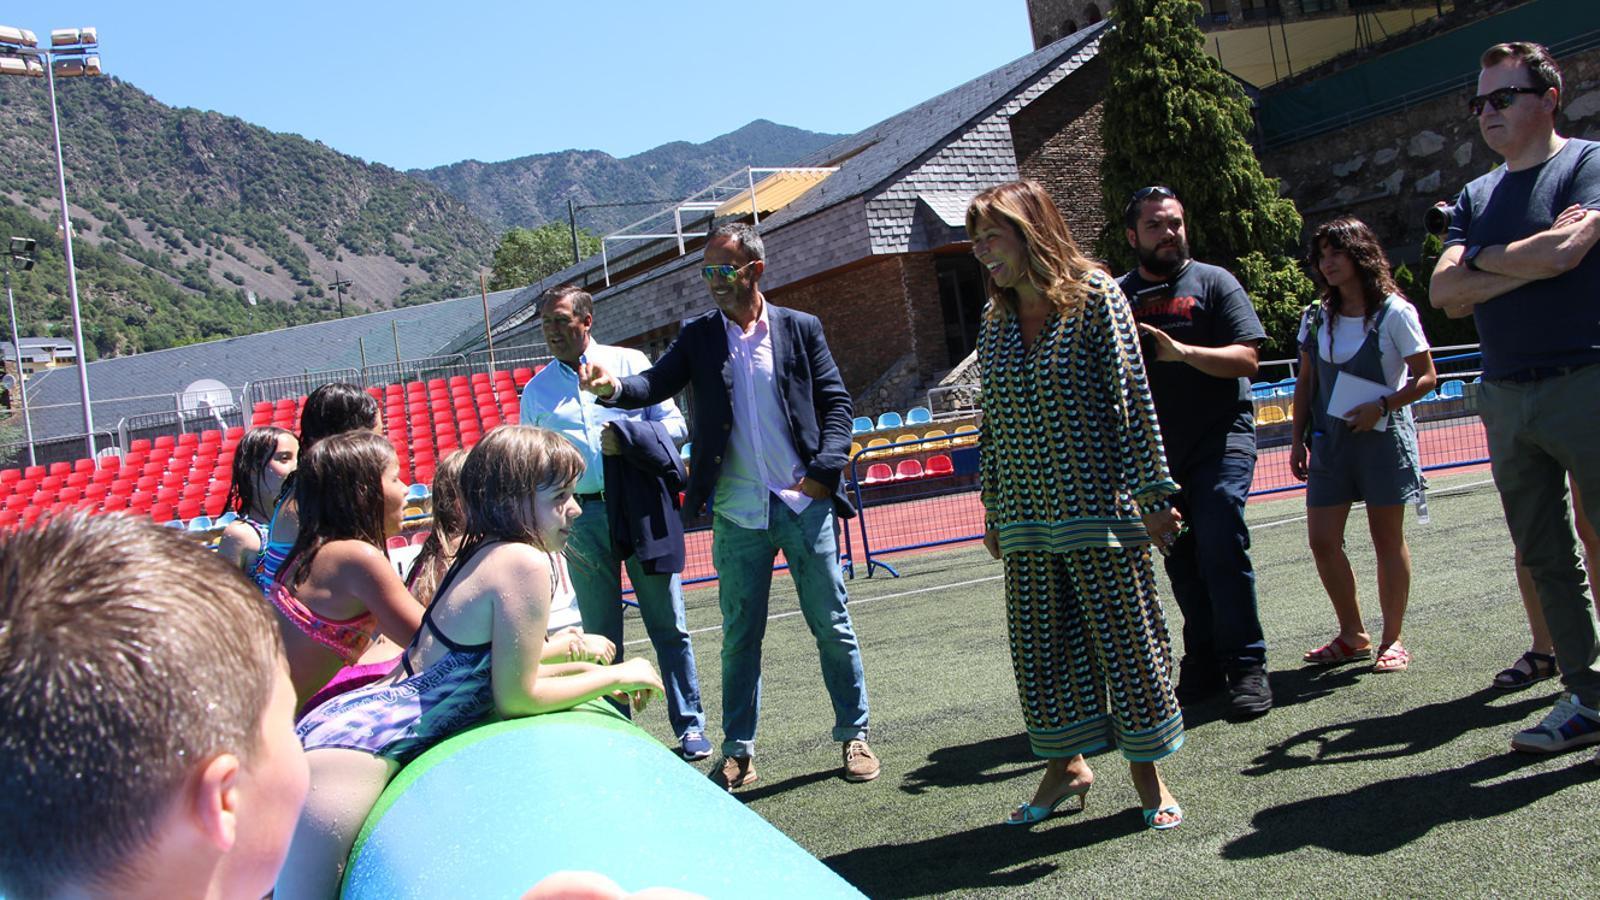 La cònsol major d'Andorra la Vella, Conxita Marsol, durant la inauguració de l'aquaparc la setmana passada. / M. P. (ANA)